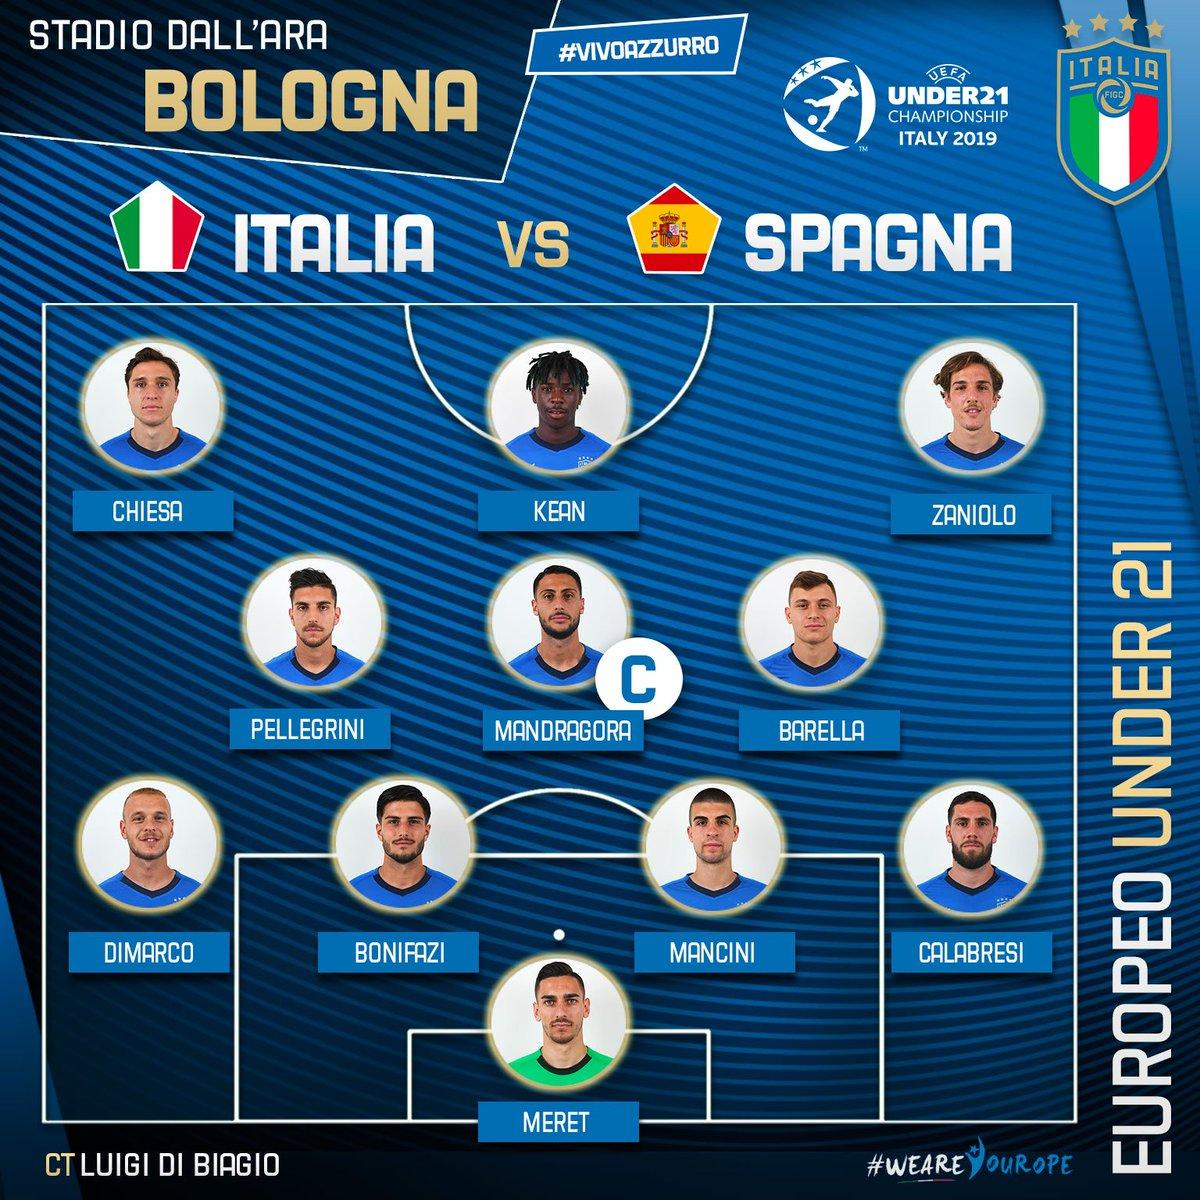 Gli #Azzurrini scelti da #DiBiagio!  #U21Euro 🇪🇺 Gruppo A  🇮🇹 #ItaliaSpagna 🇪🇸  📺 #RaiUno ⏱️ 2️⃣1️⃣:0️⃣0️⃣ 🏟️ Stadio #DallAra - #Bologna  #VivoAzzurro #WeAreYourope #Under21